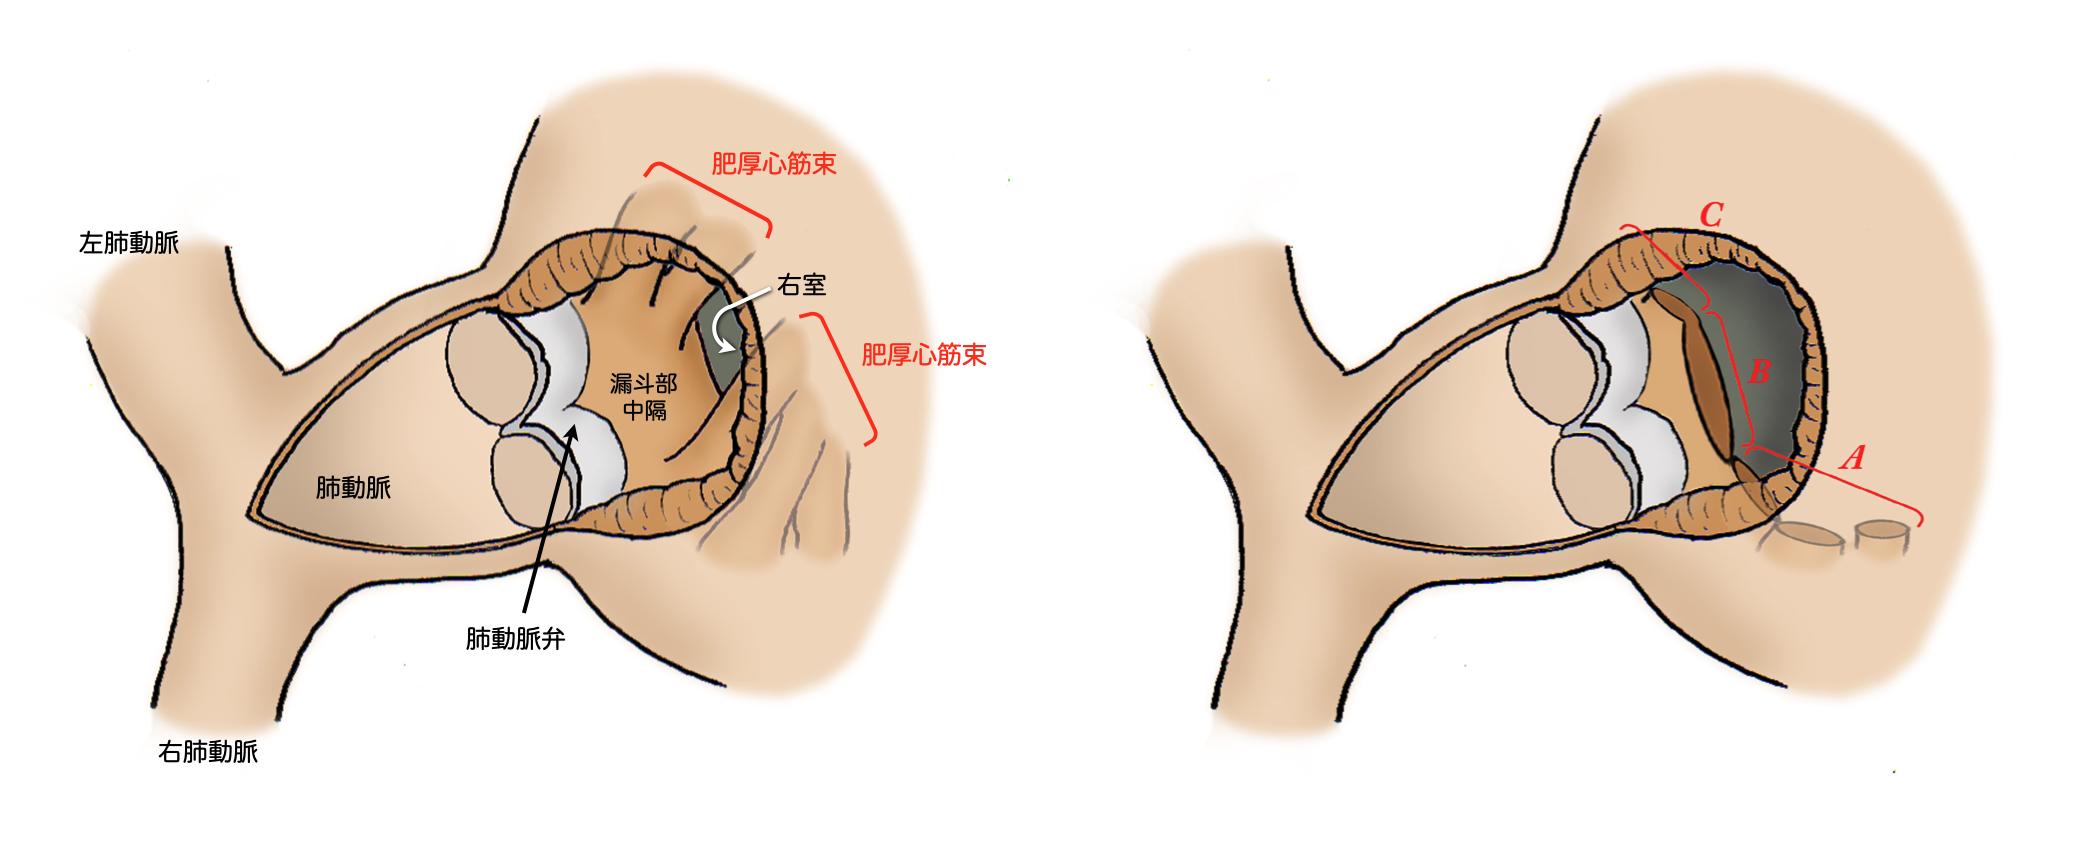 心臓血管外科_ファロー四徴症_図4